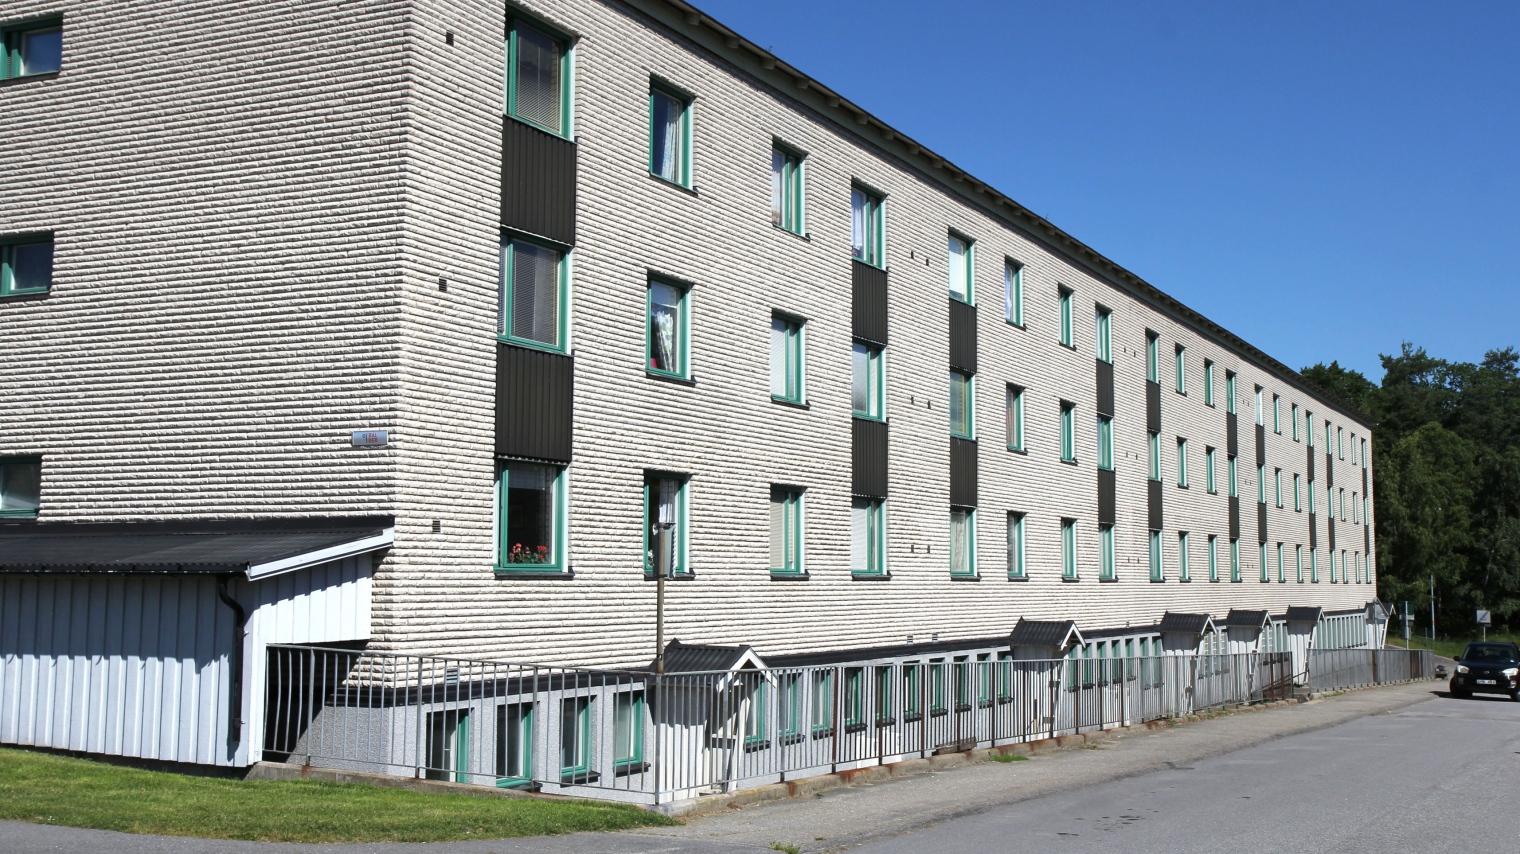 Sveriges forsta bulor byggdes i goteborg 3